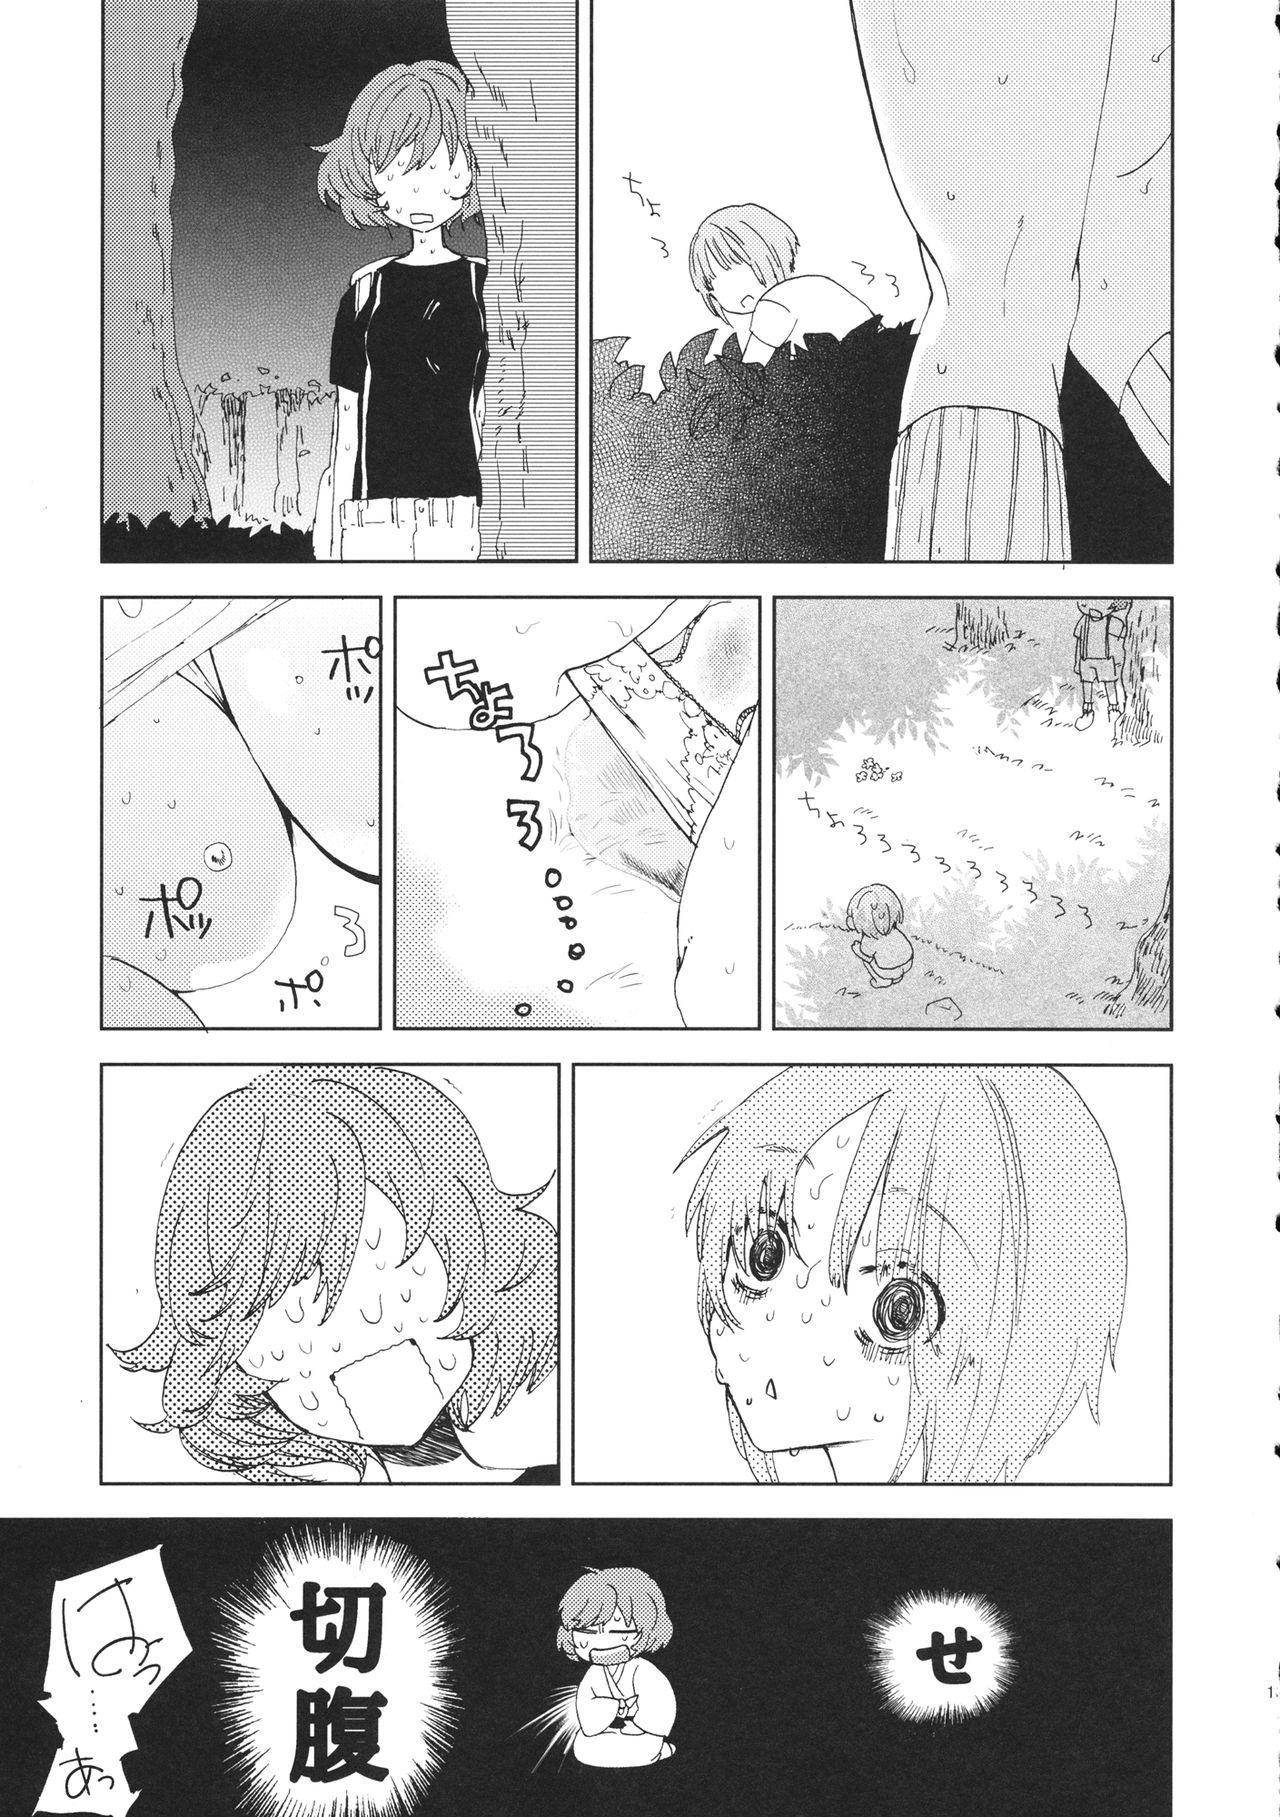 (C93) [Akunaki Hourou (Usimanu)] Miho-chan to Oshikko - mihochan pee (Girls und Panzer) 11